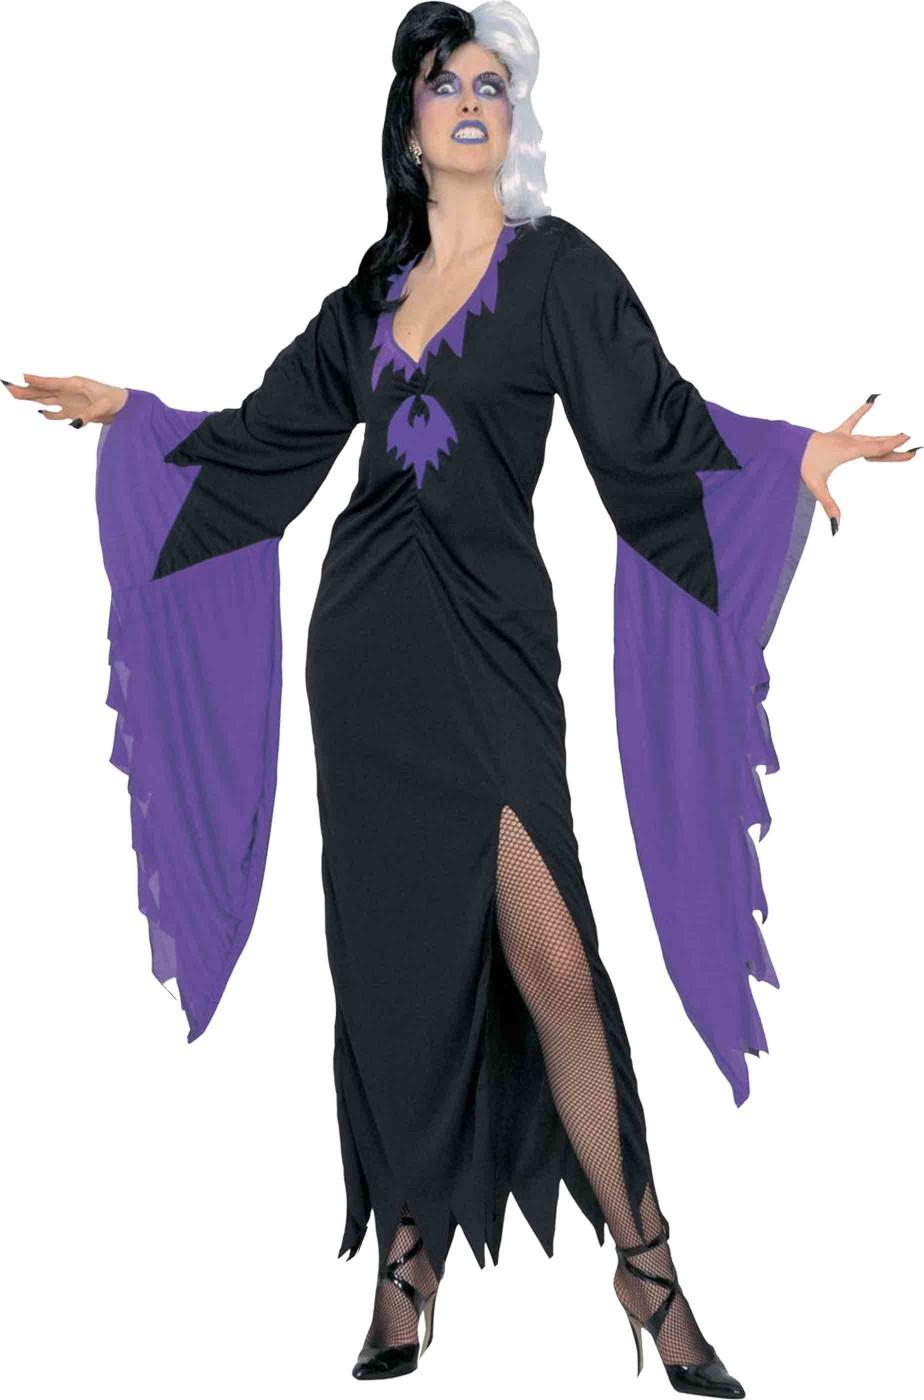 costume per halloween donna adulto da vampira o malefica 8b1ec651e40e